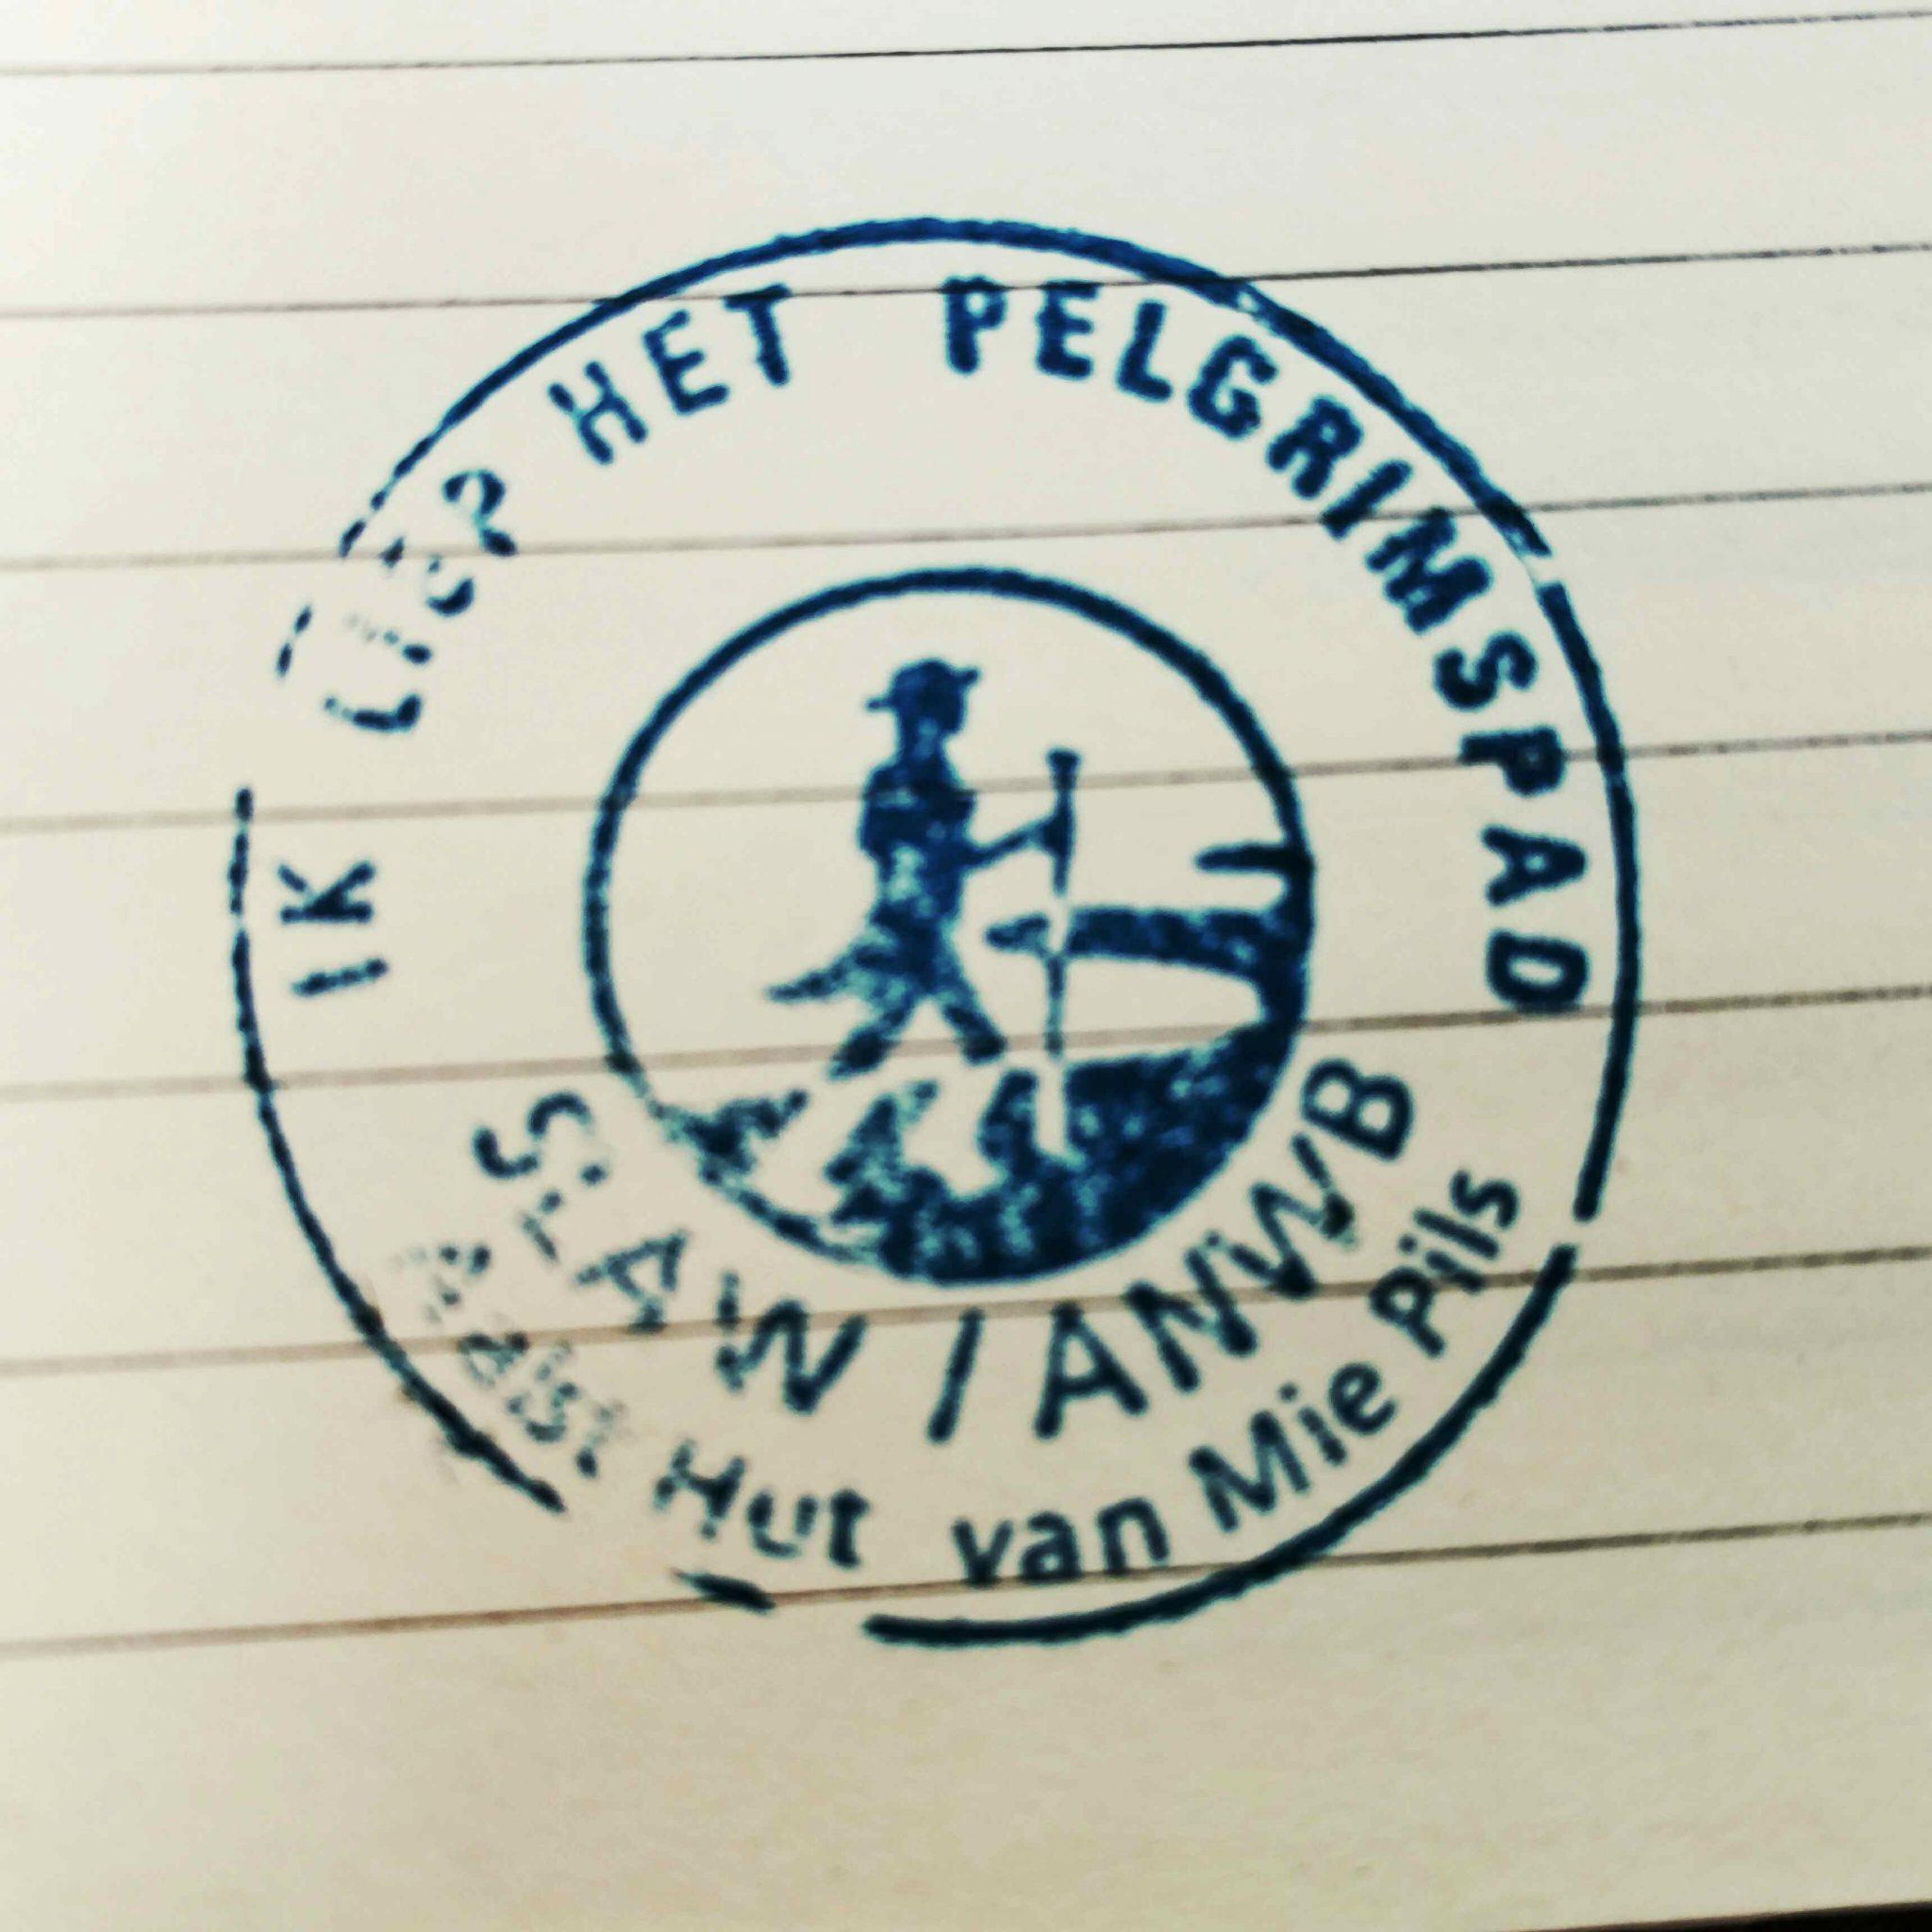 LOWBUDGET PELGRIMEREN op het Pelgrimspad in Nederland